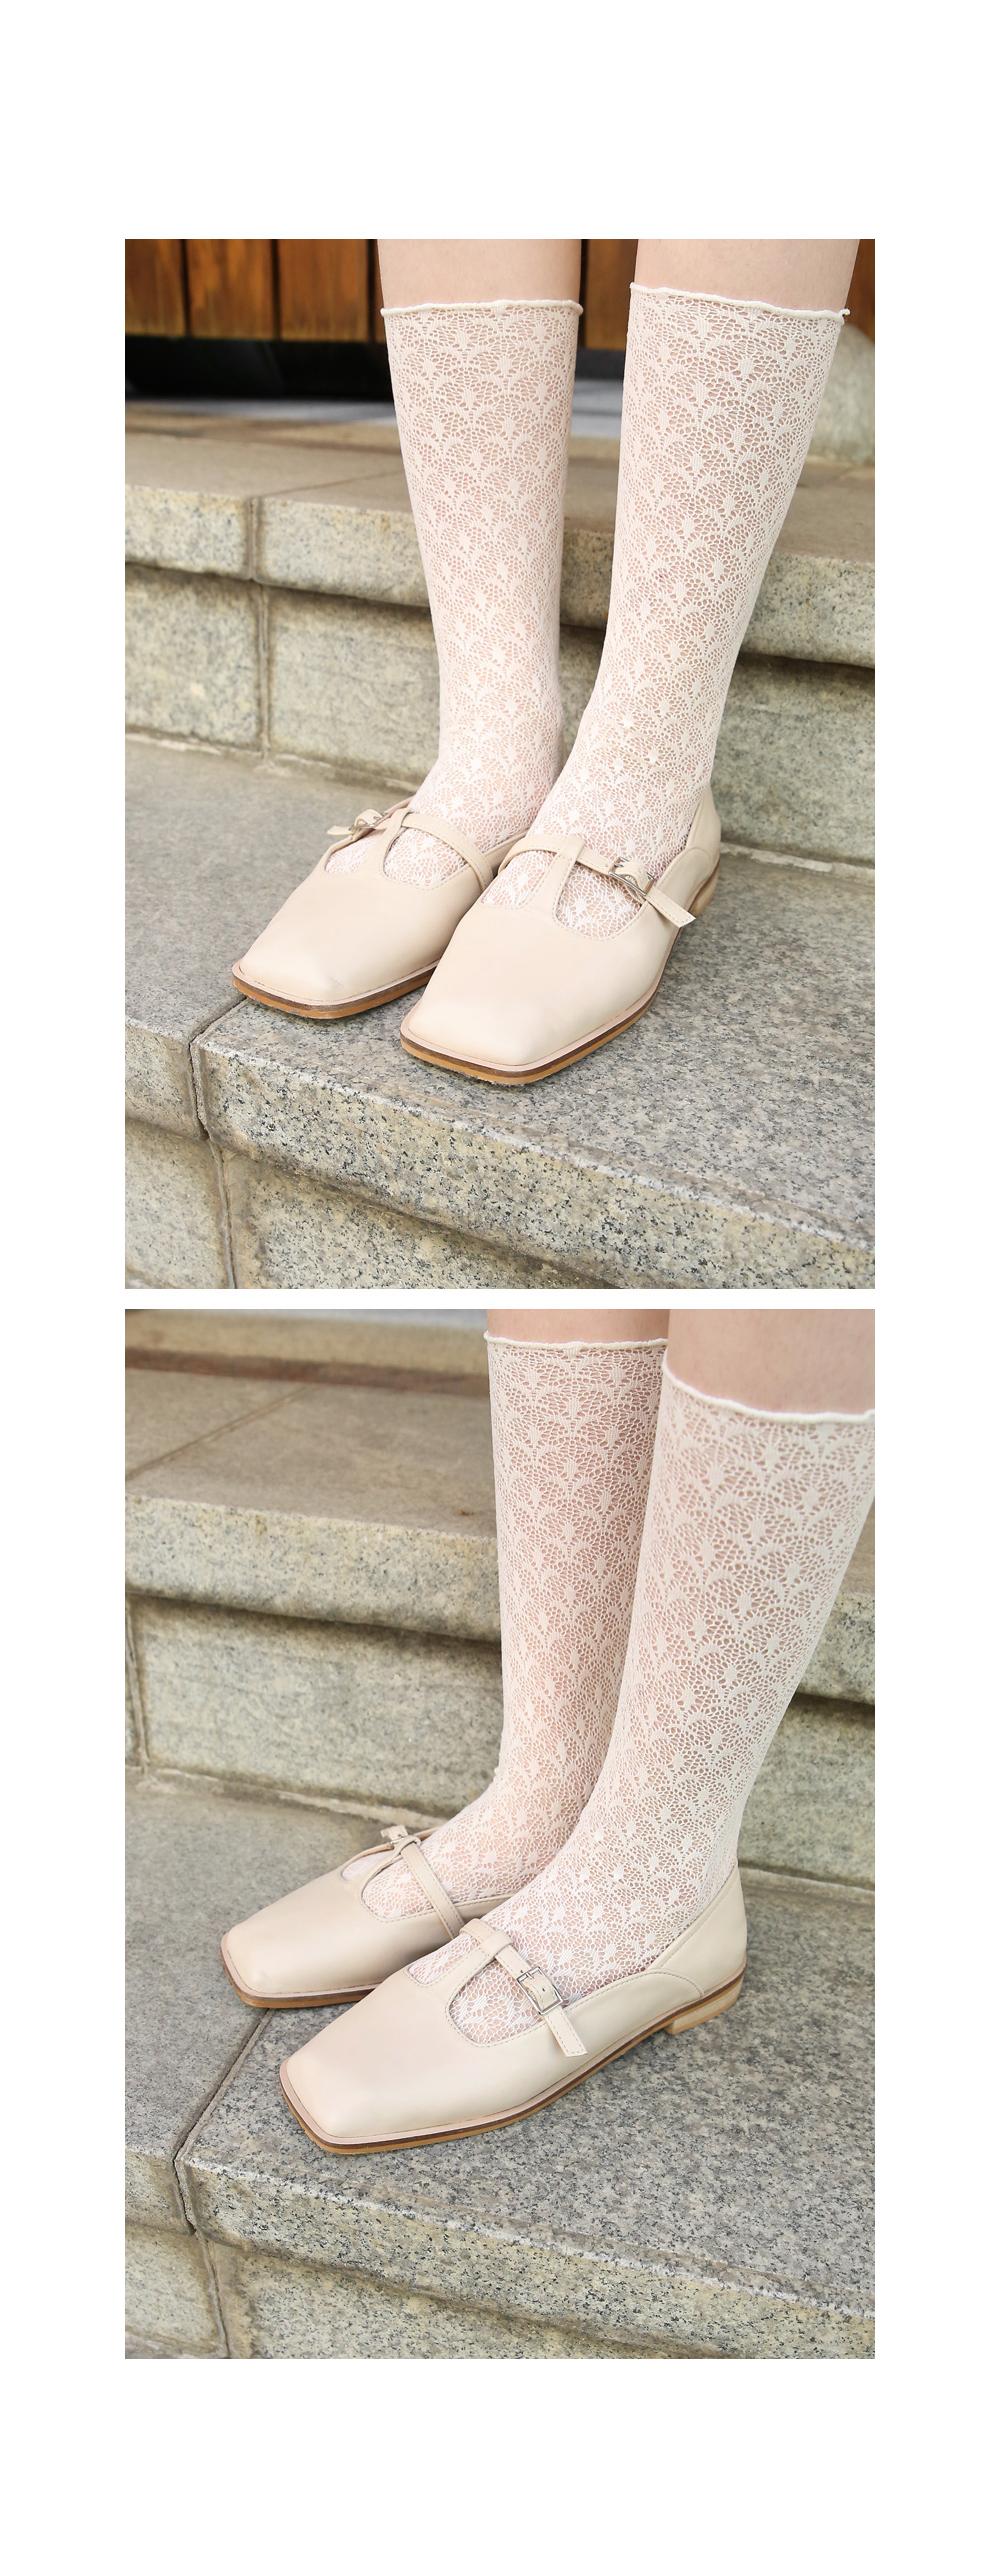 신발 모델 착용 이미지-S1L13